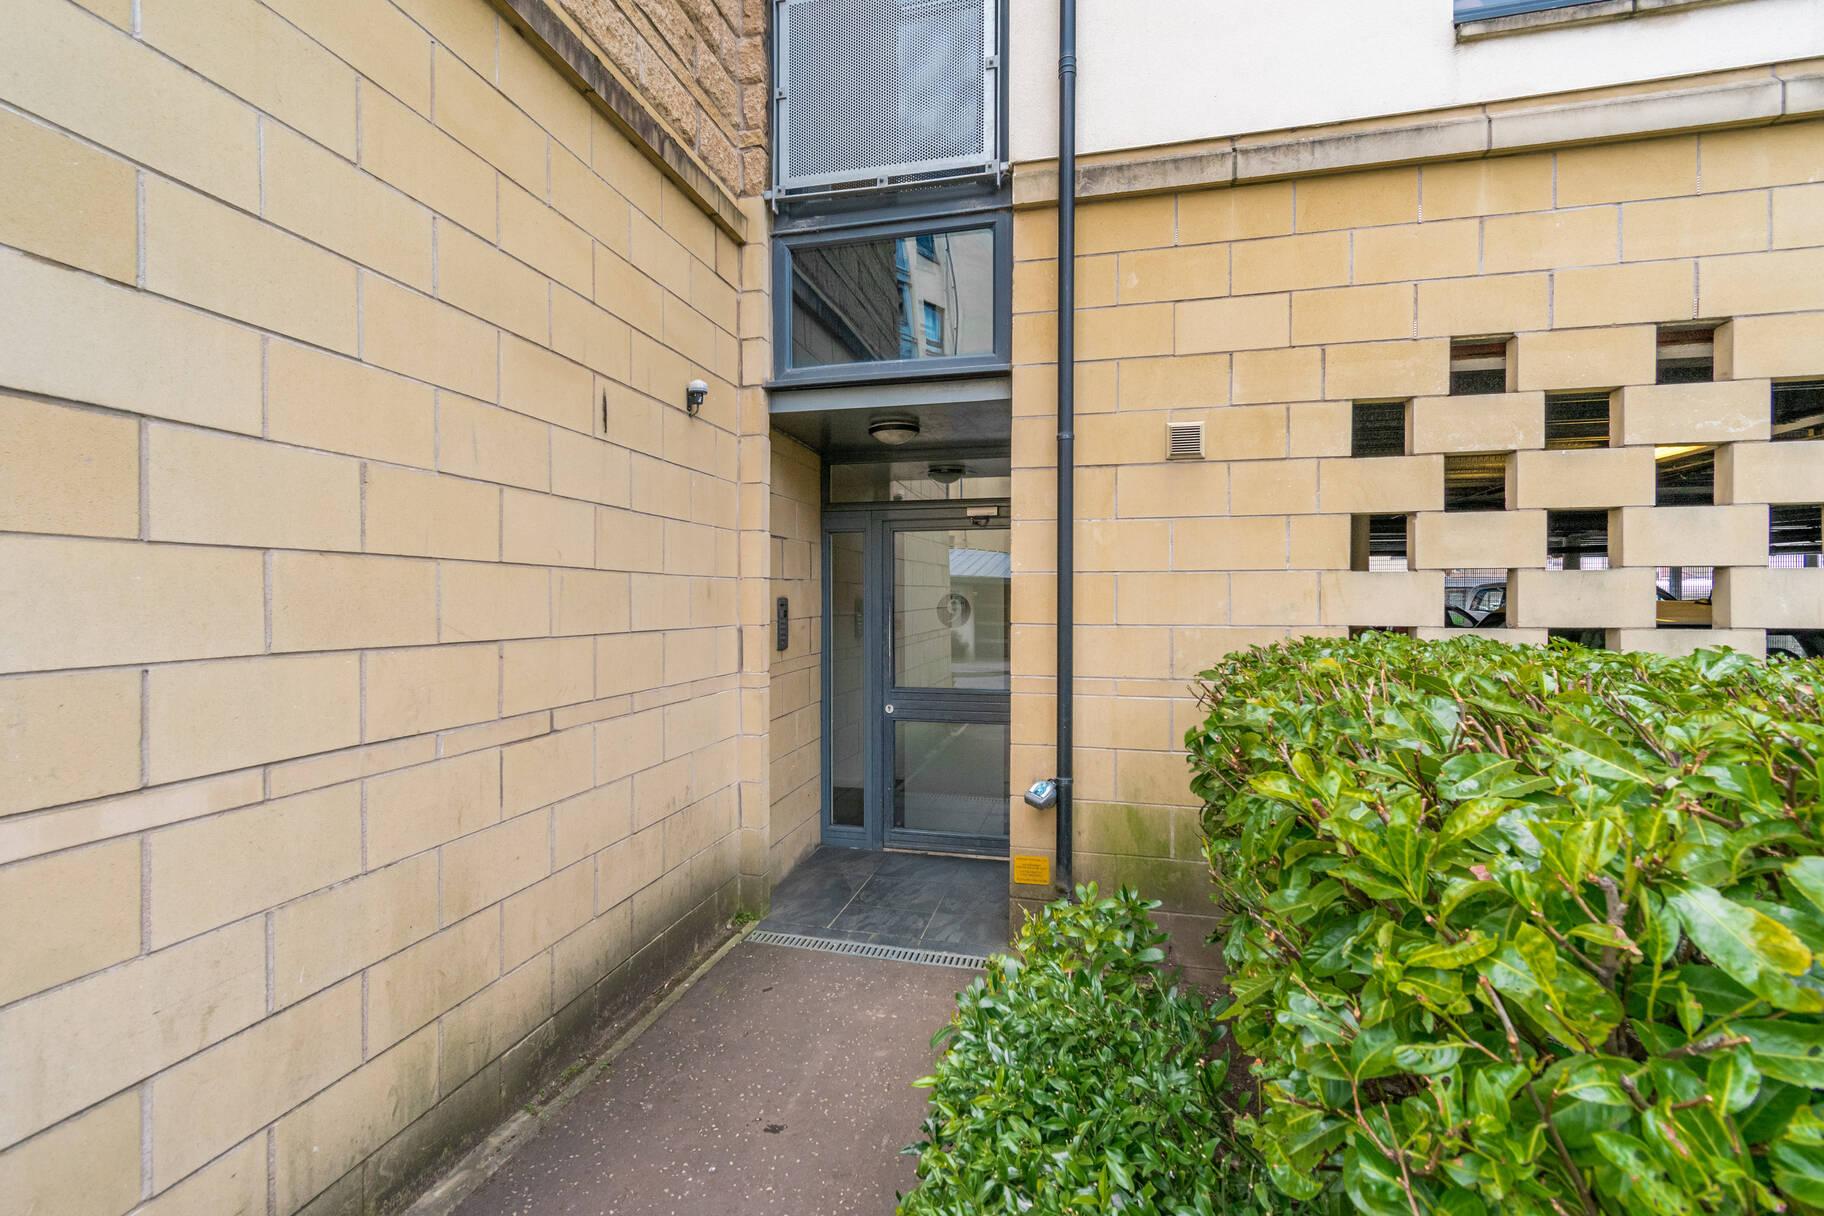 9/15 Hawkhill Close, Edinburgh, EH7 6FG